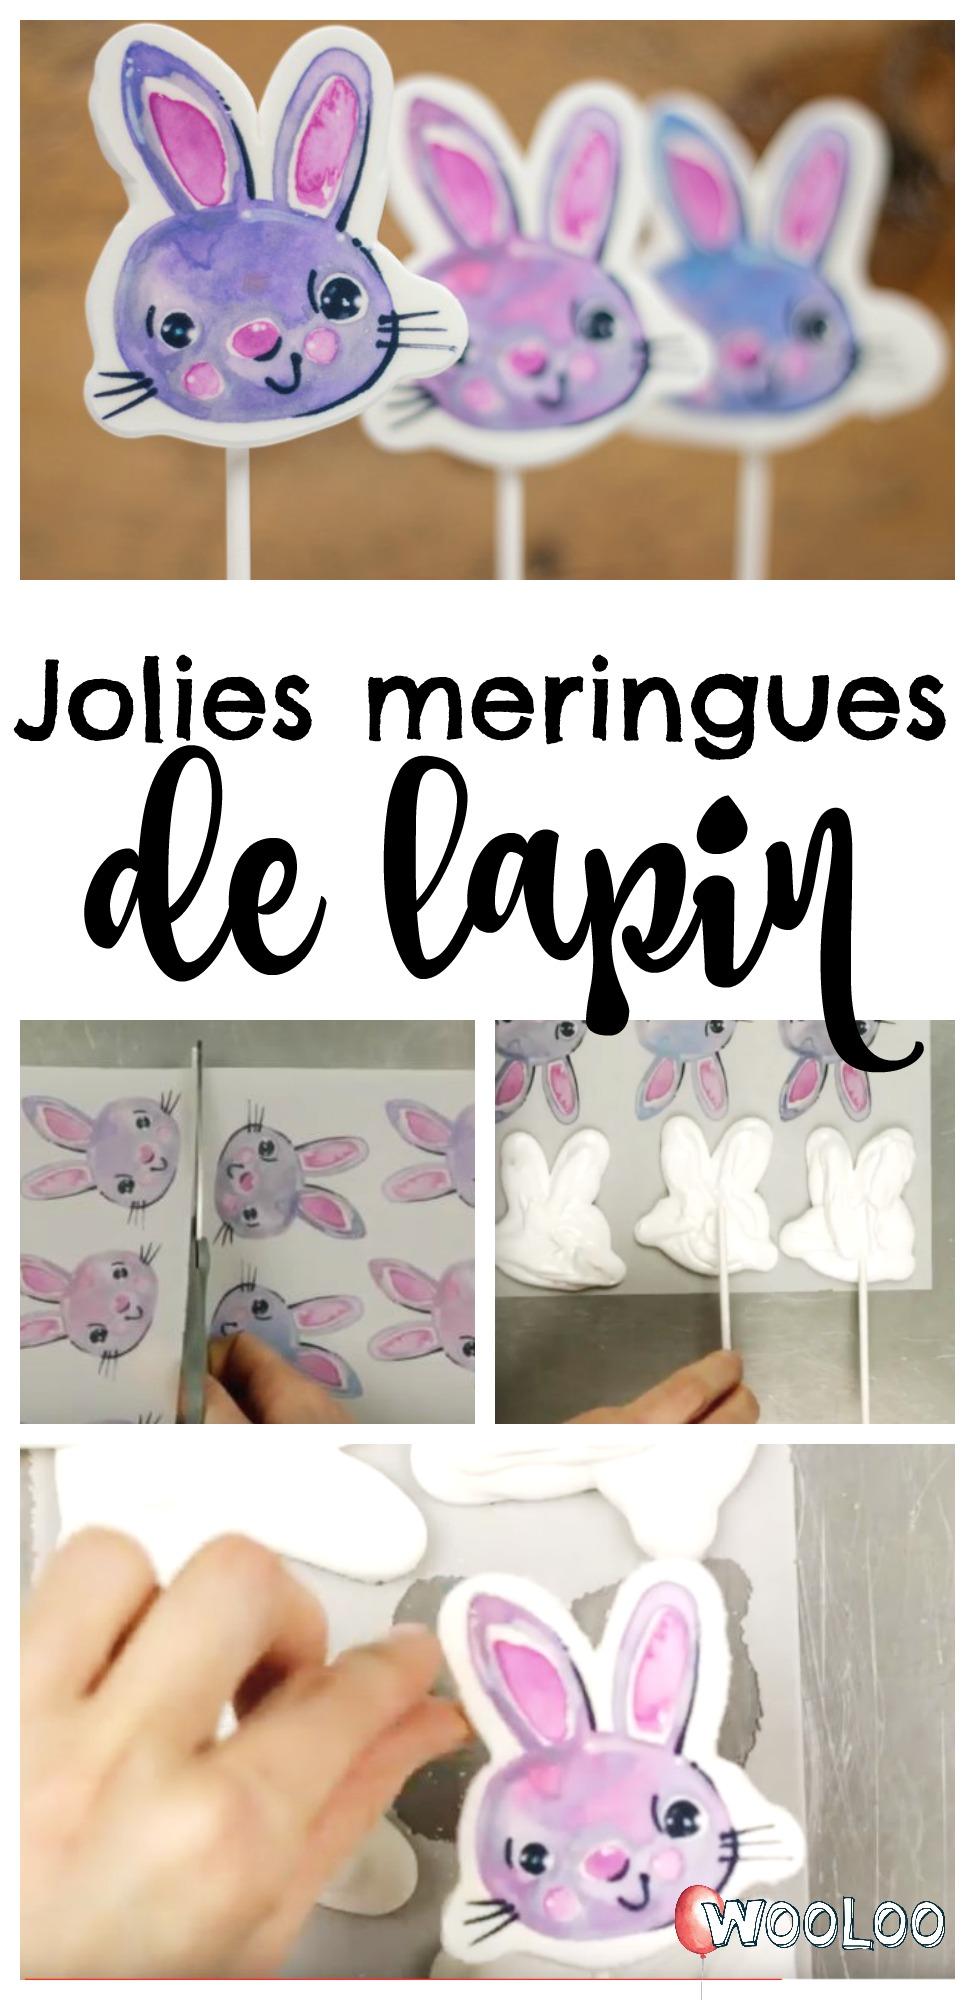 meringues / wooloo